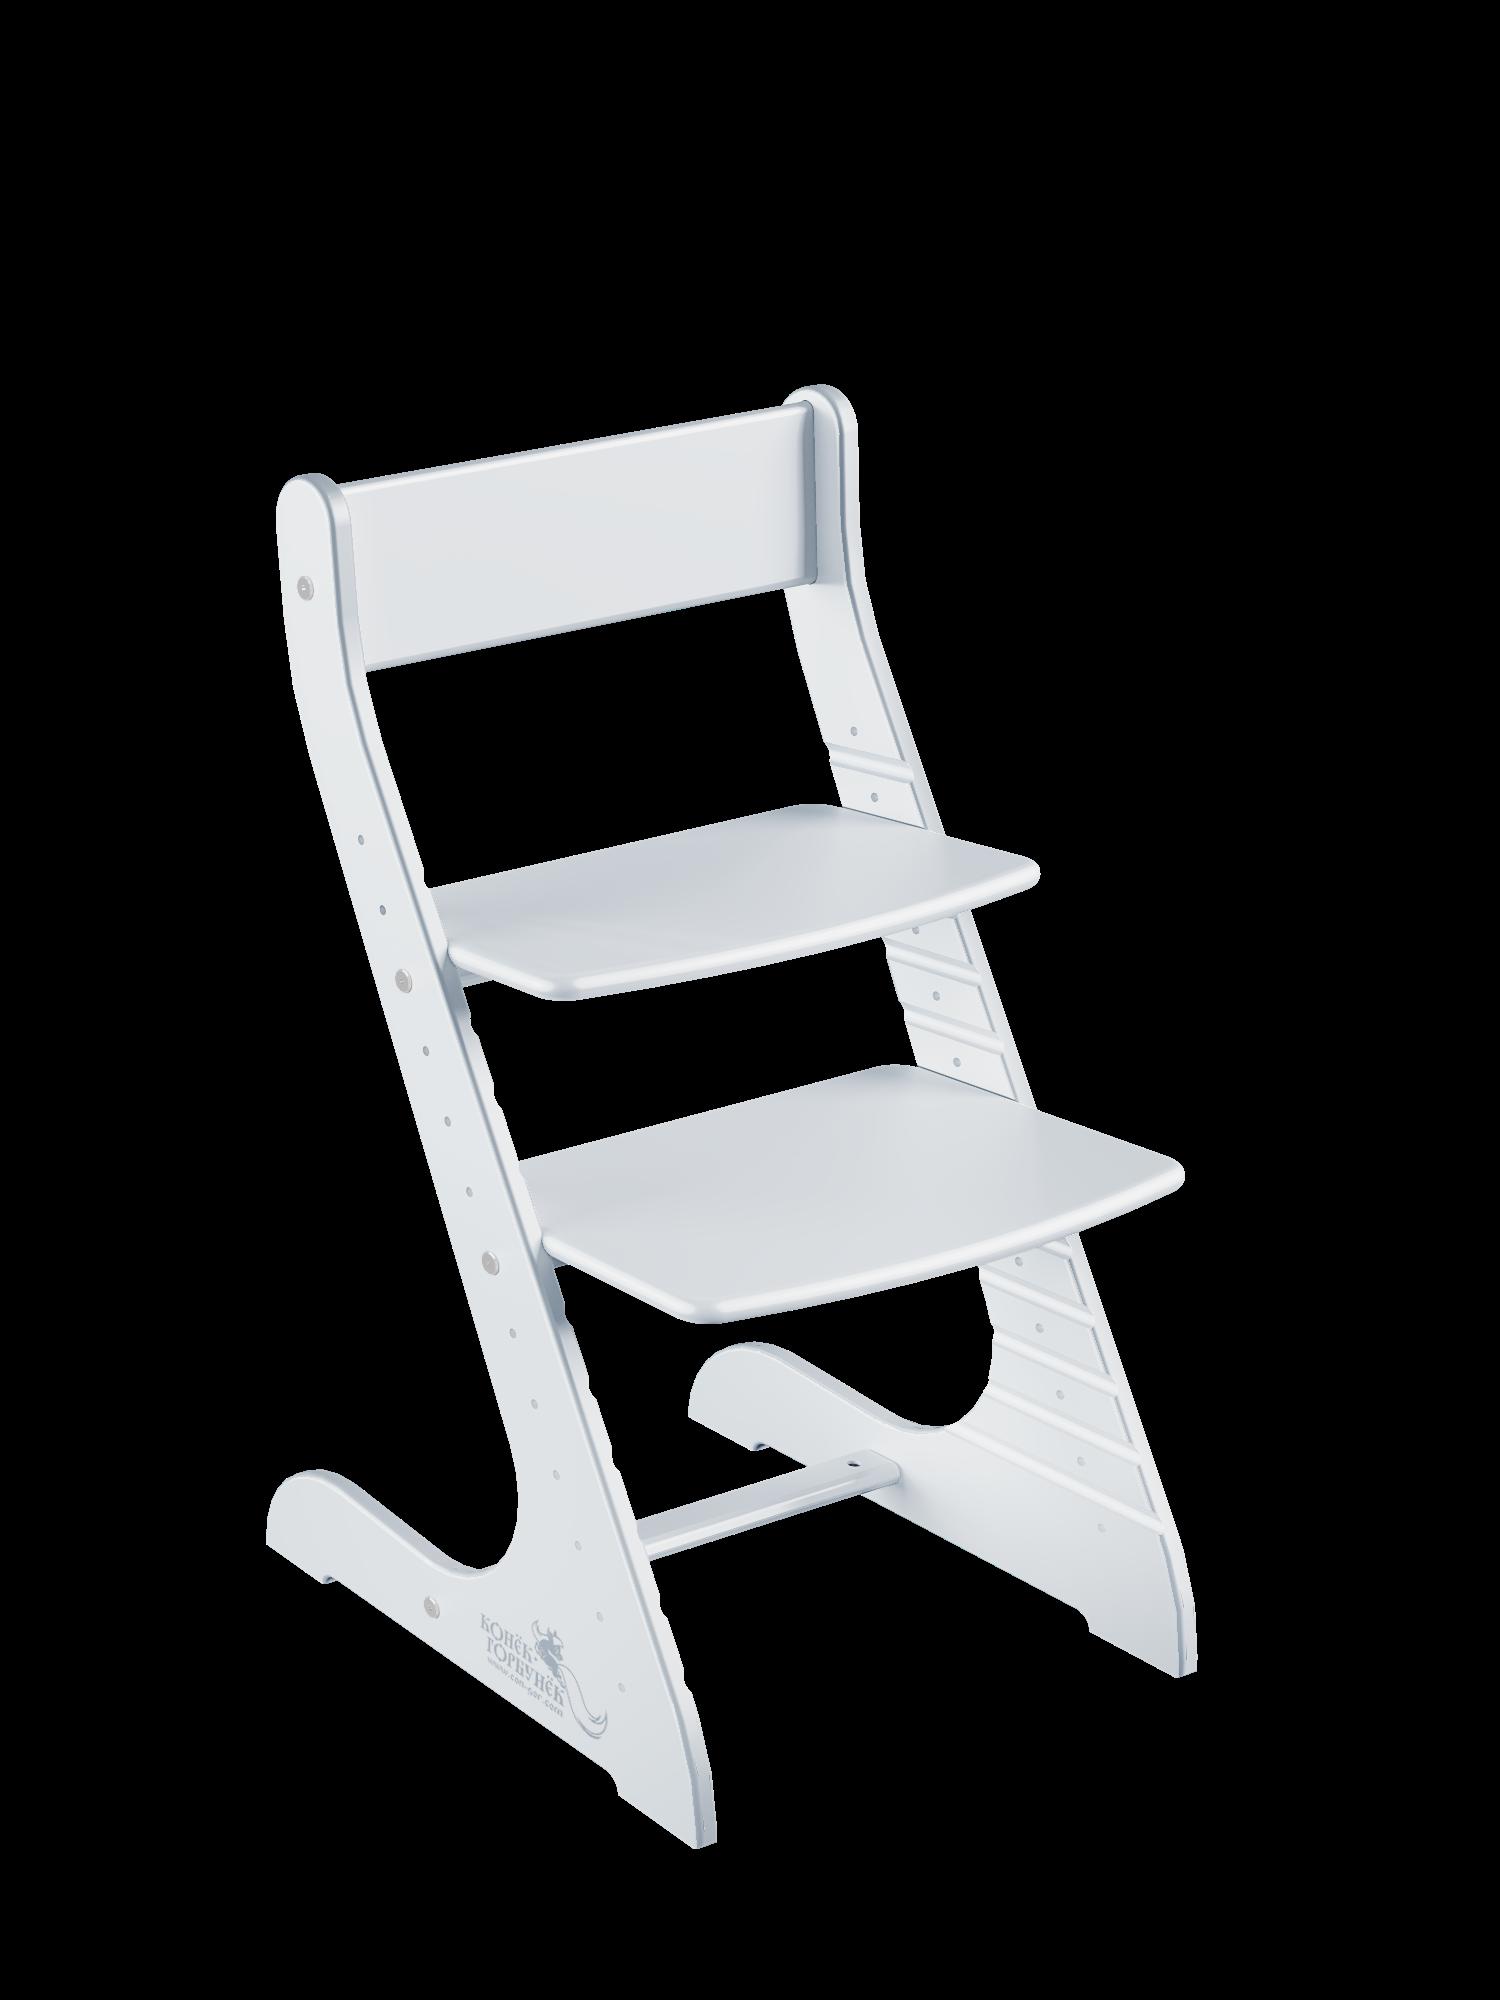 Купить Детский растущий стул Конёк Горбунёк Стандарт, цвет Белый, Конек Горбунек,